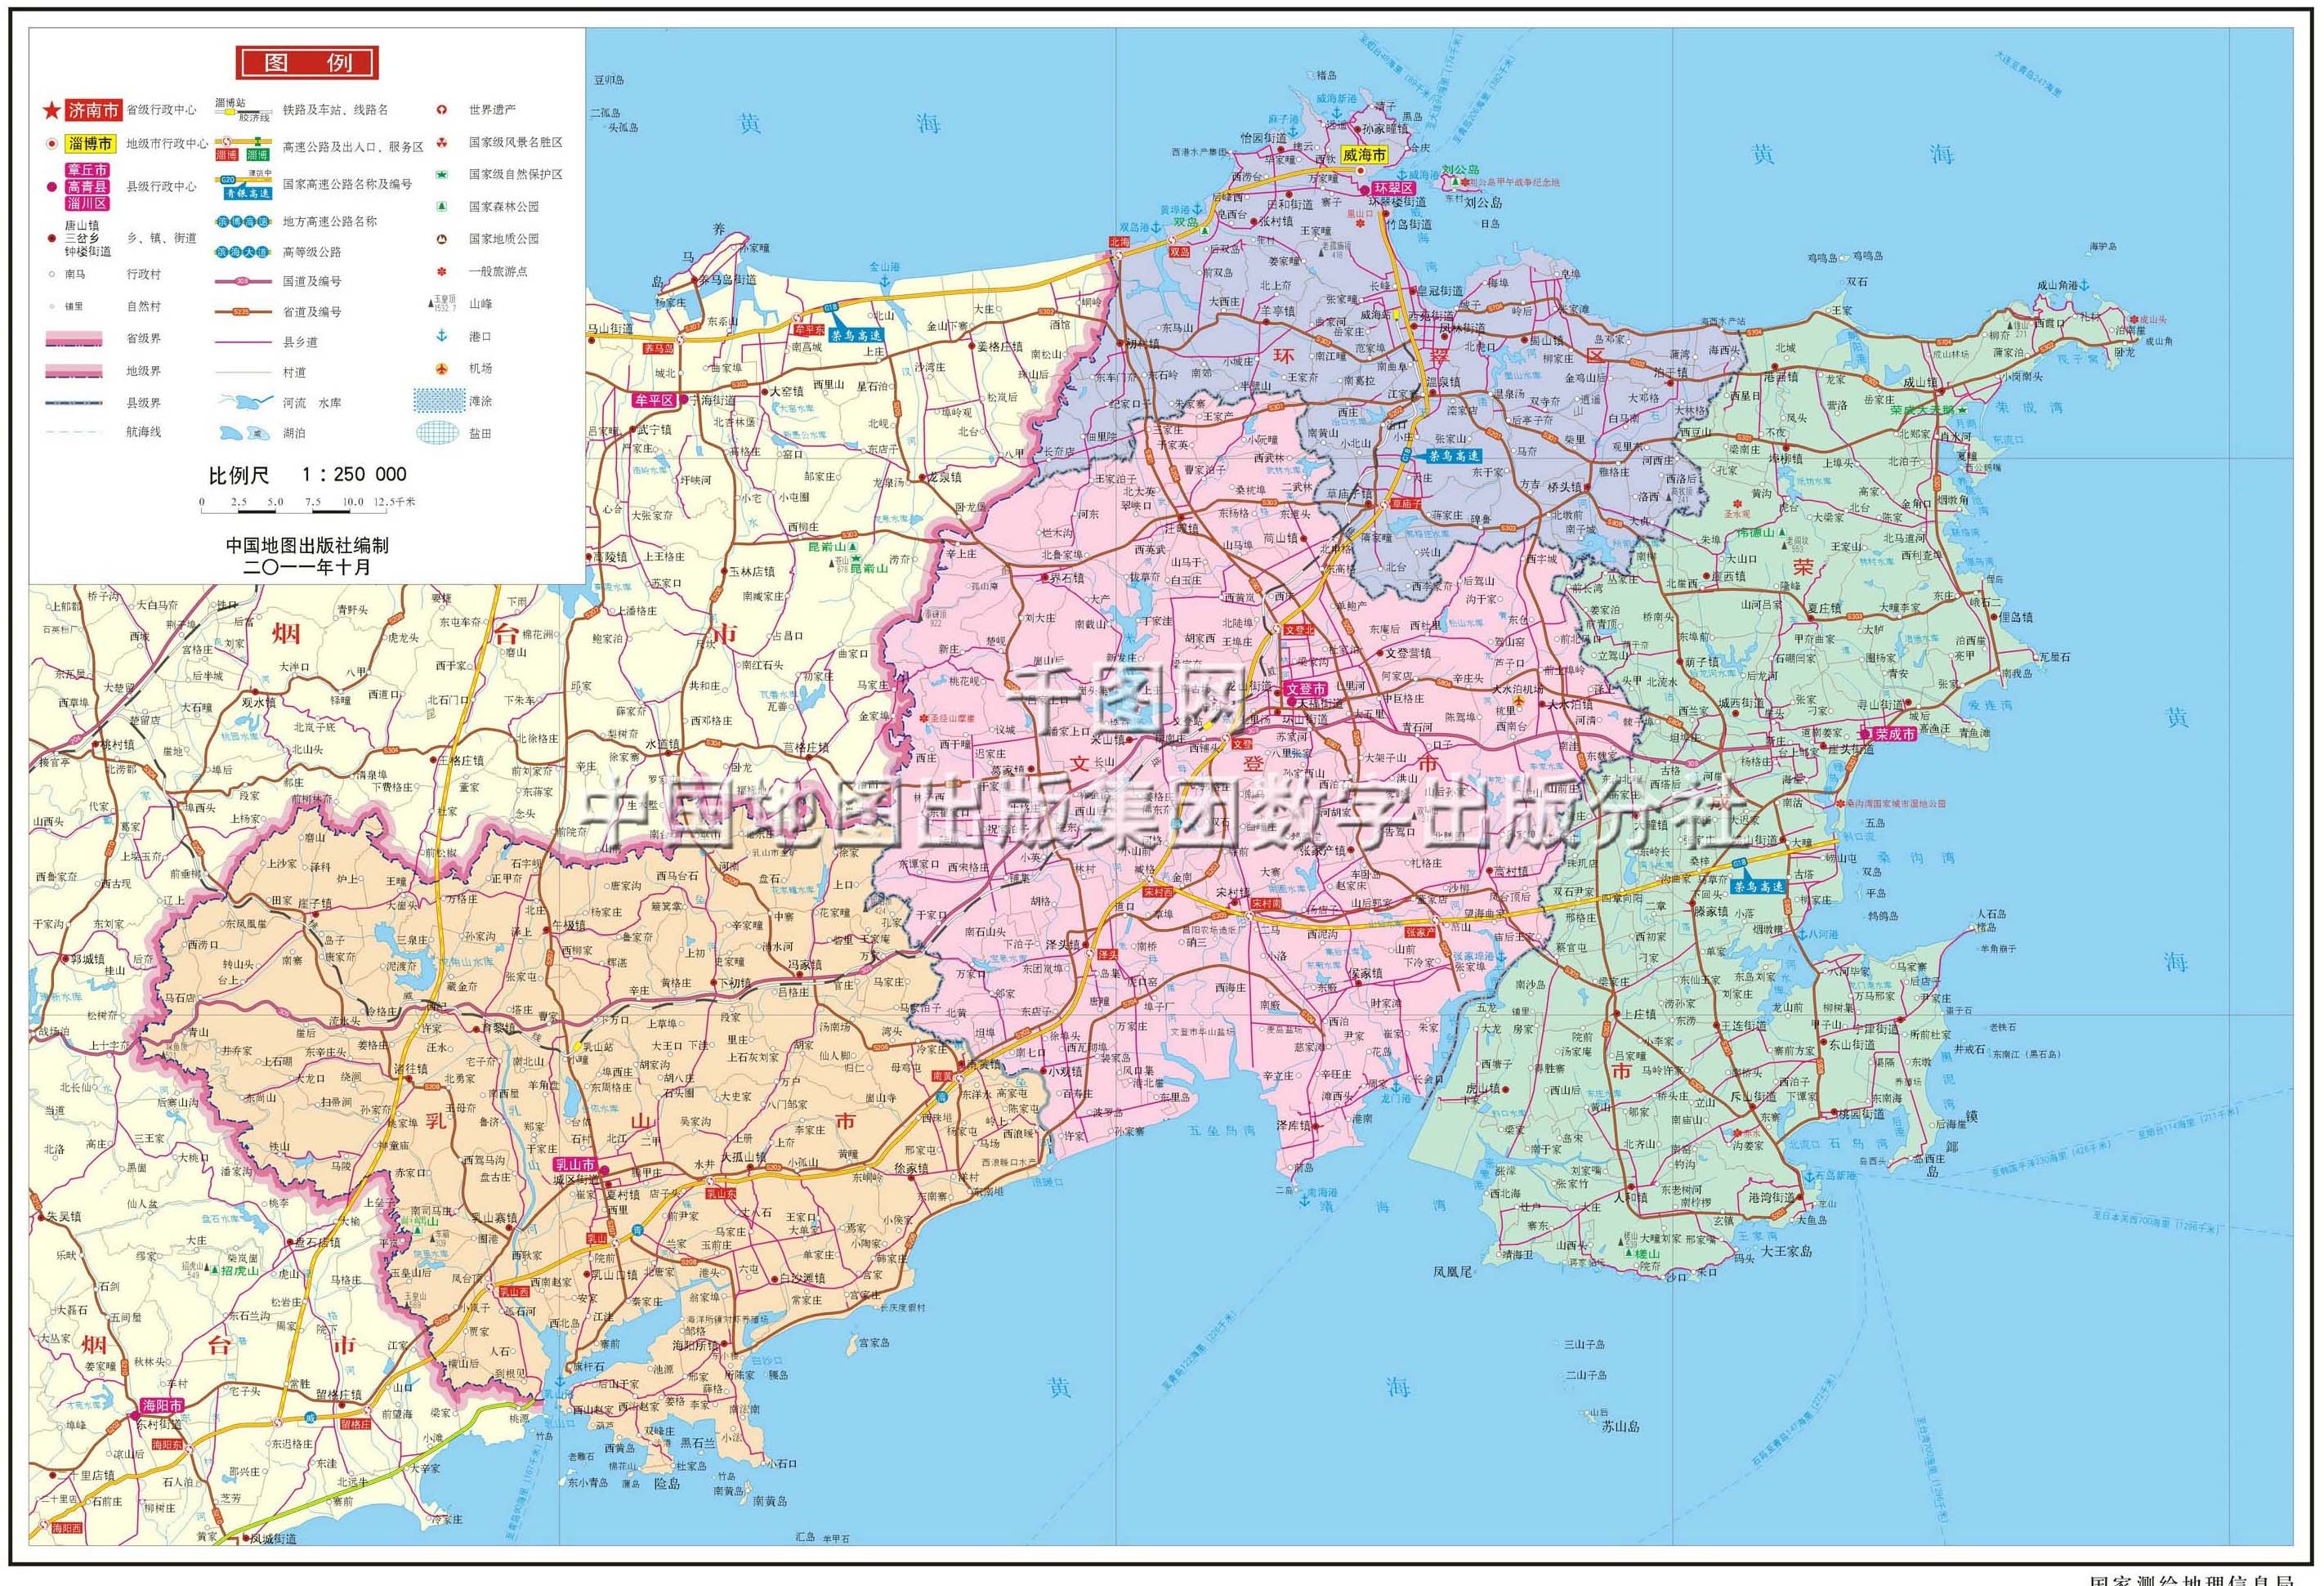 威海市地图高清版_威海市地图查询